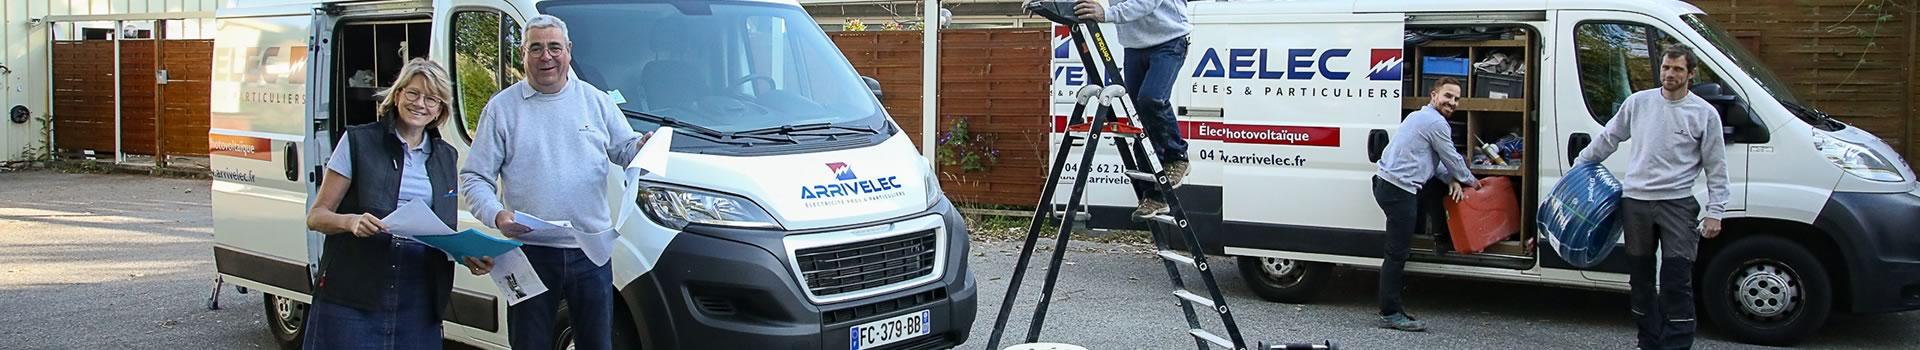 ARRIVELEC - notre équipe- Société électricité générale